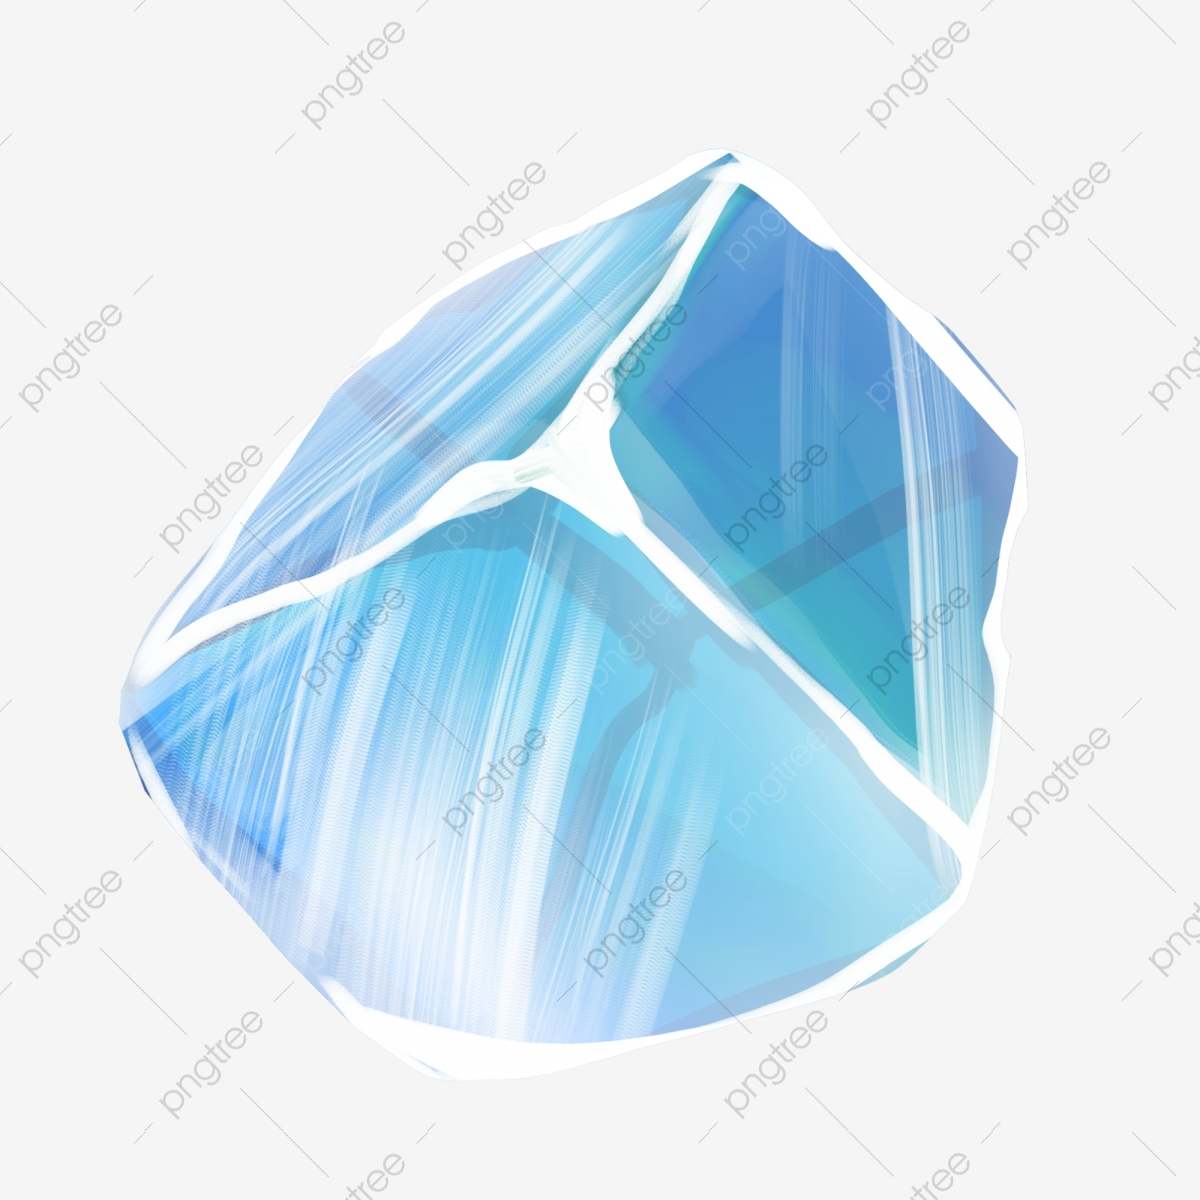 Ilustracao De Desenhos Animados De Cubo De Gelo Azul Claro Cubos